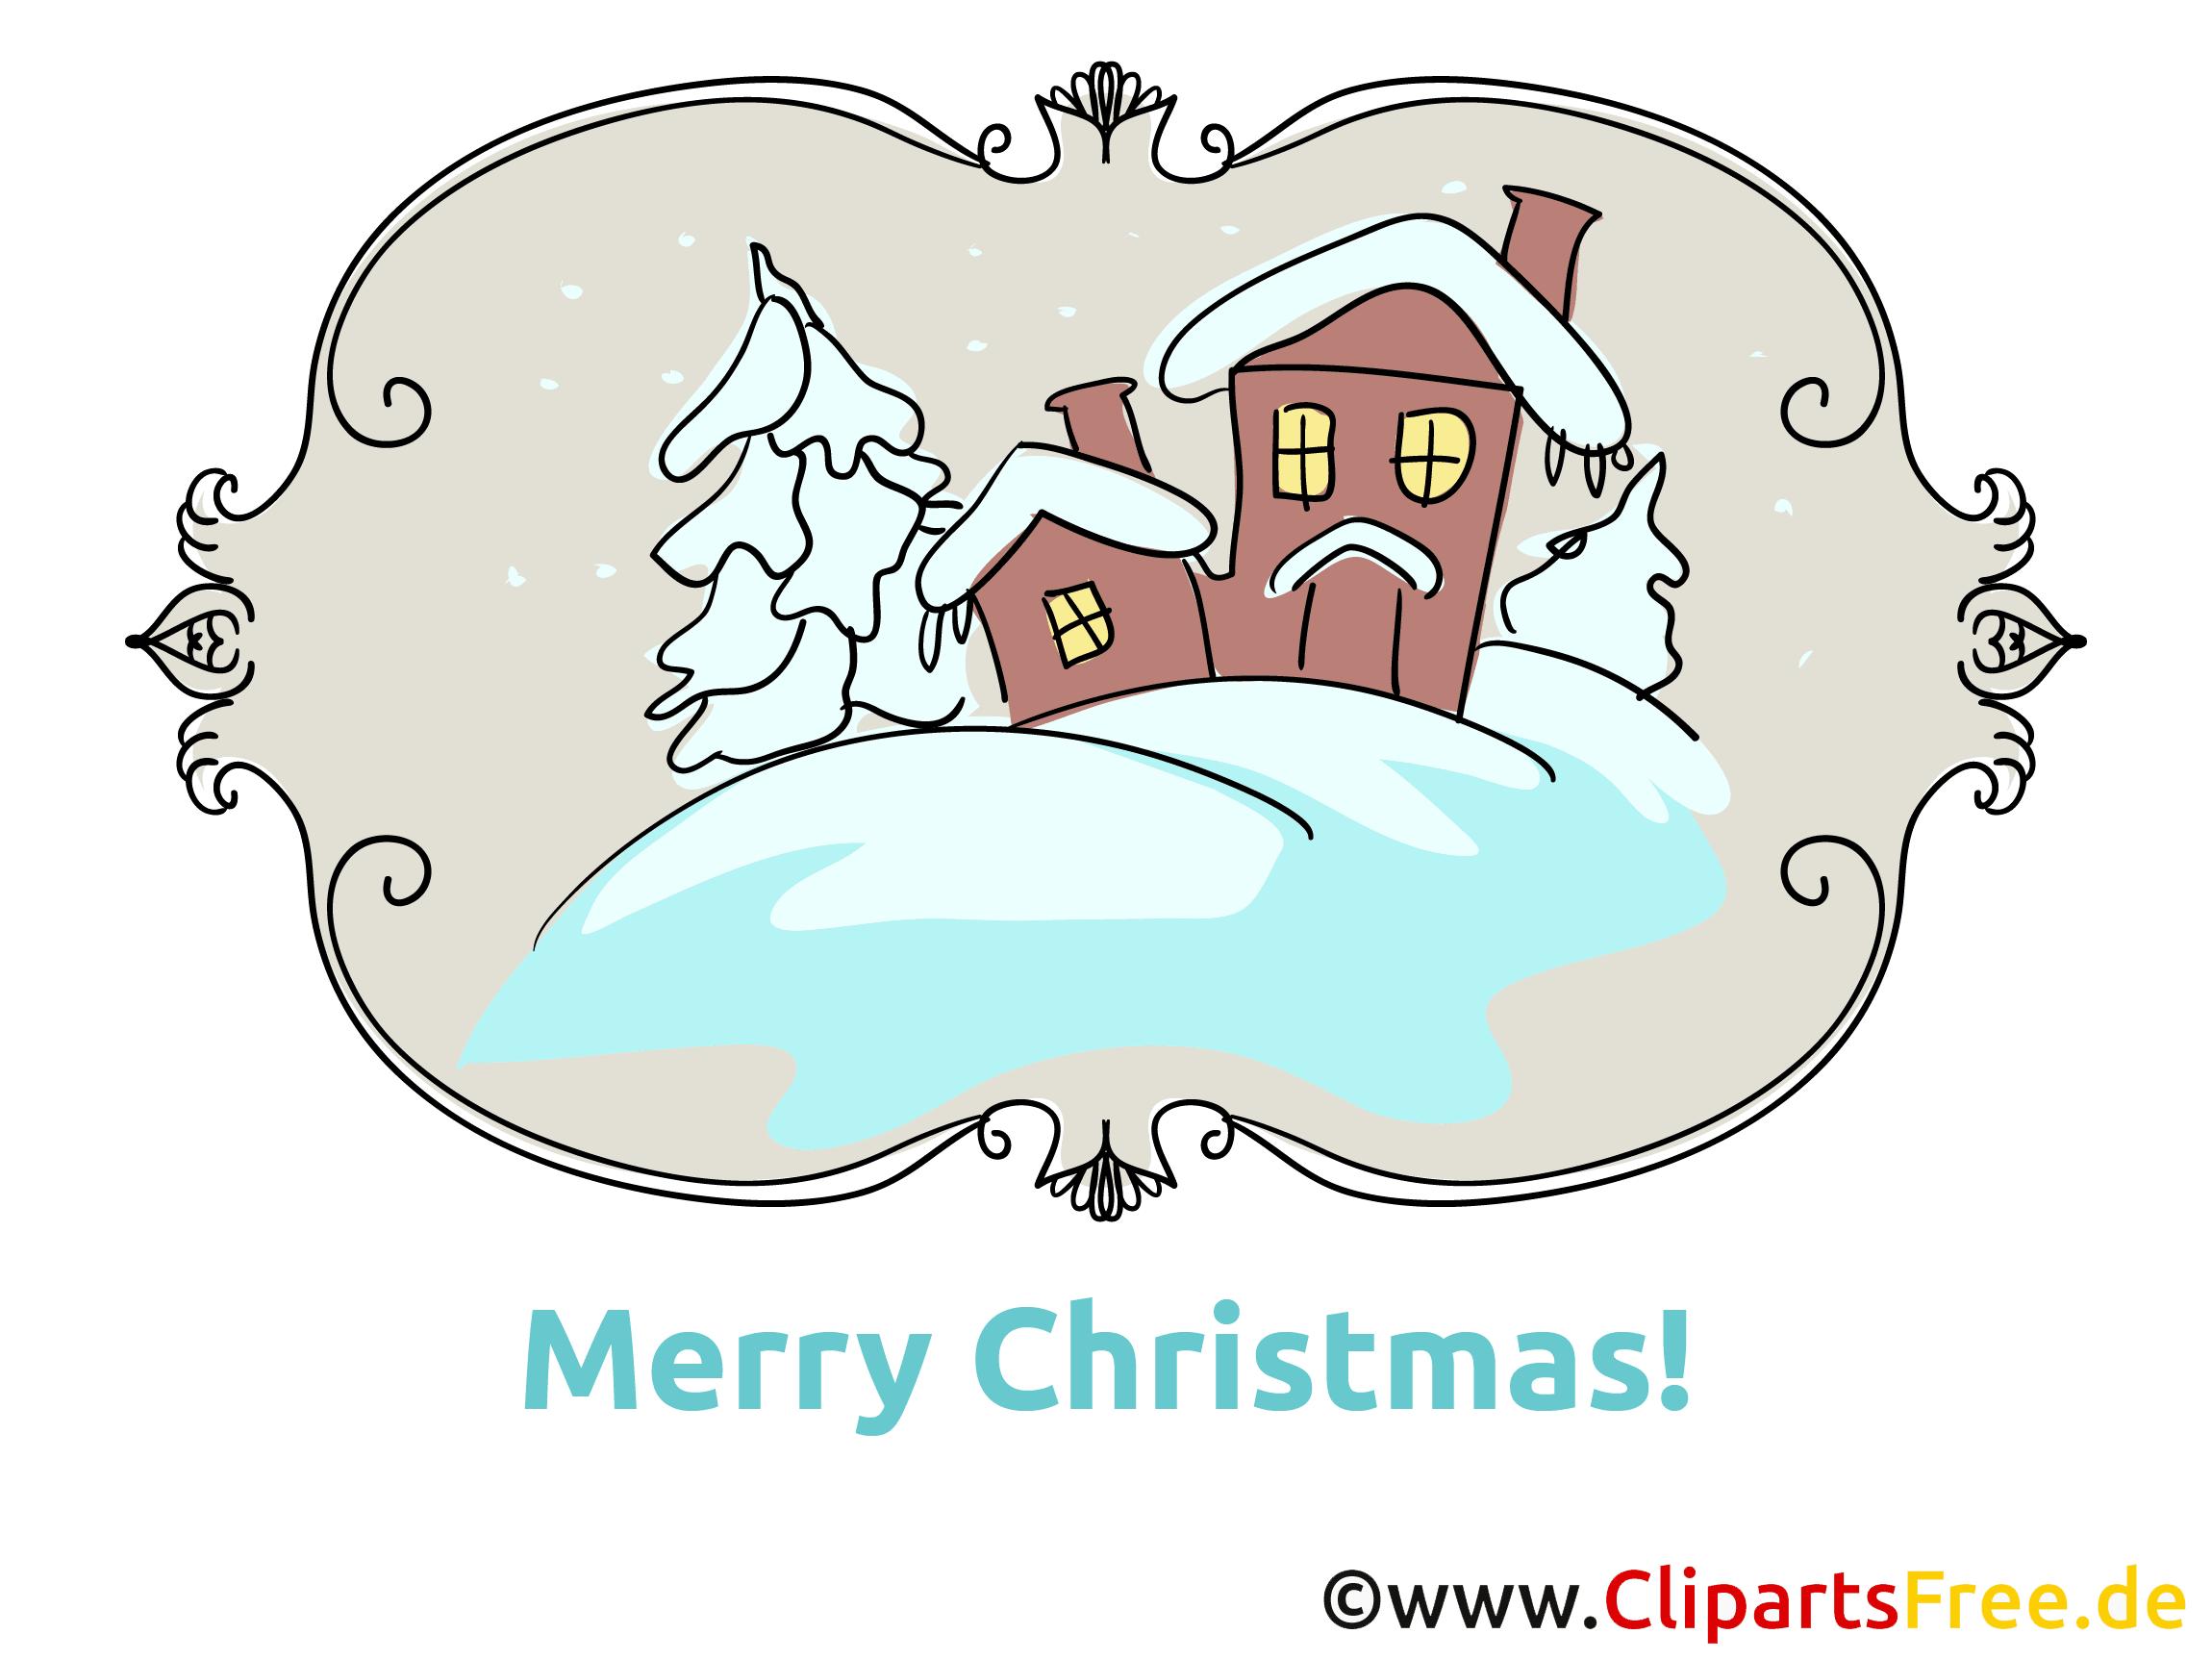 Virtuelle Weihnachtskarten Verschicken.Virtuelle Weihnachtskarten Gratis Online Verschicken Merry